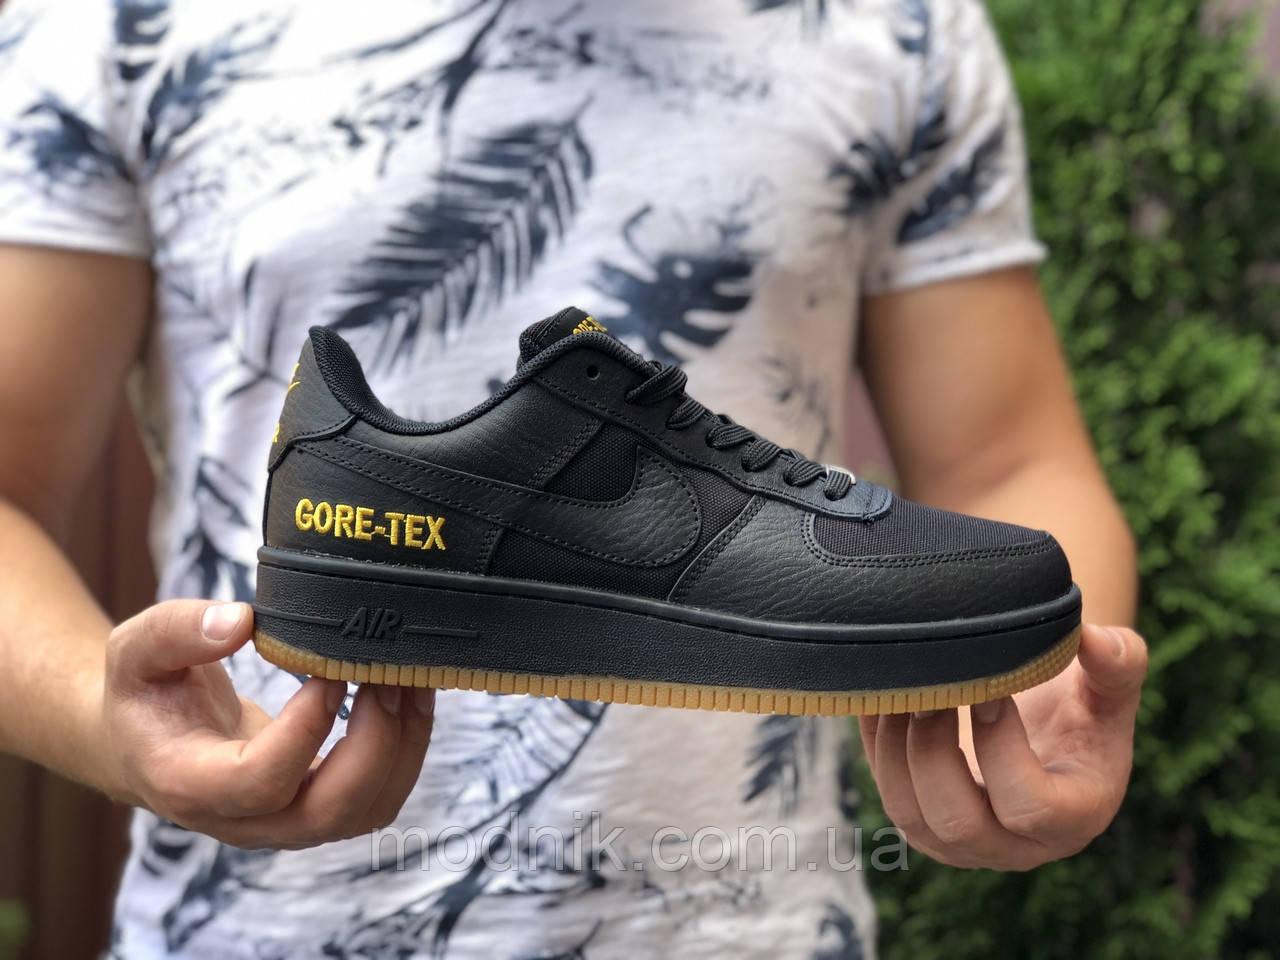 Мужские кроссовки Nike Air Force Gore-Tex (черные) 9787